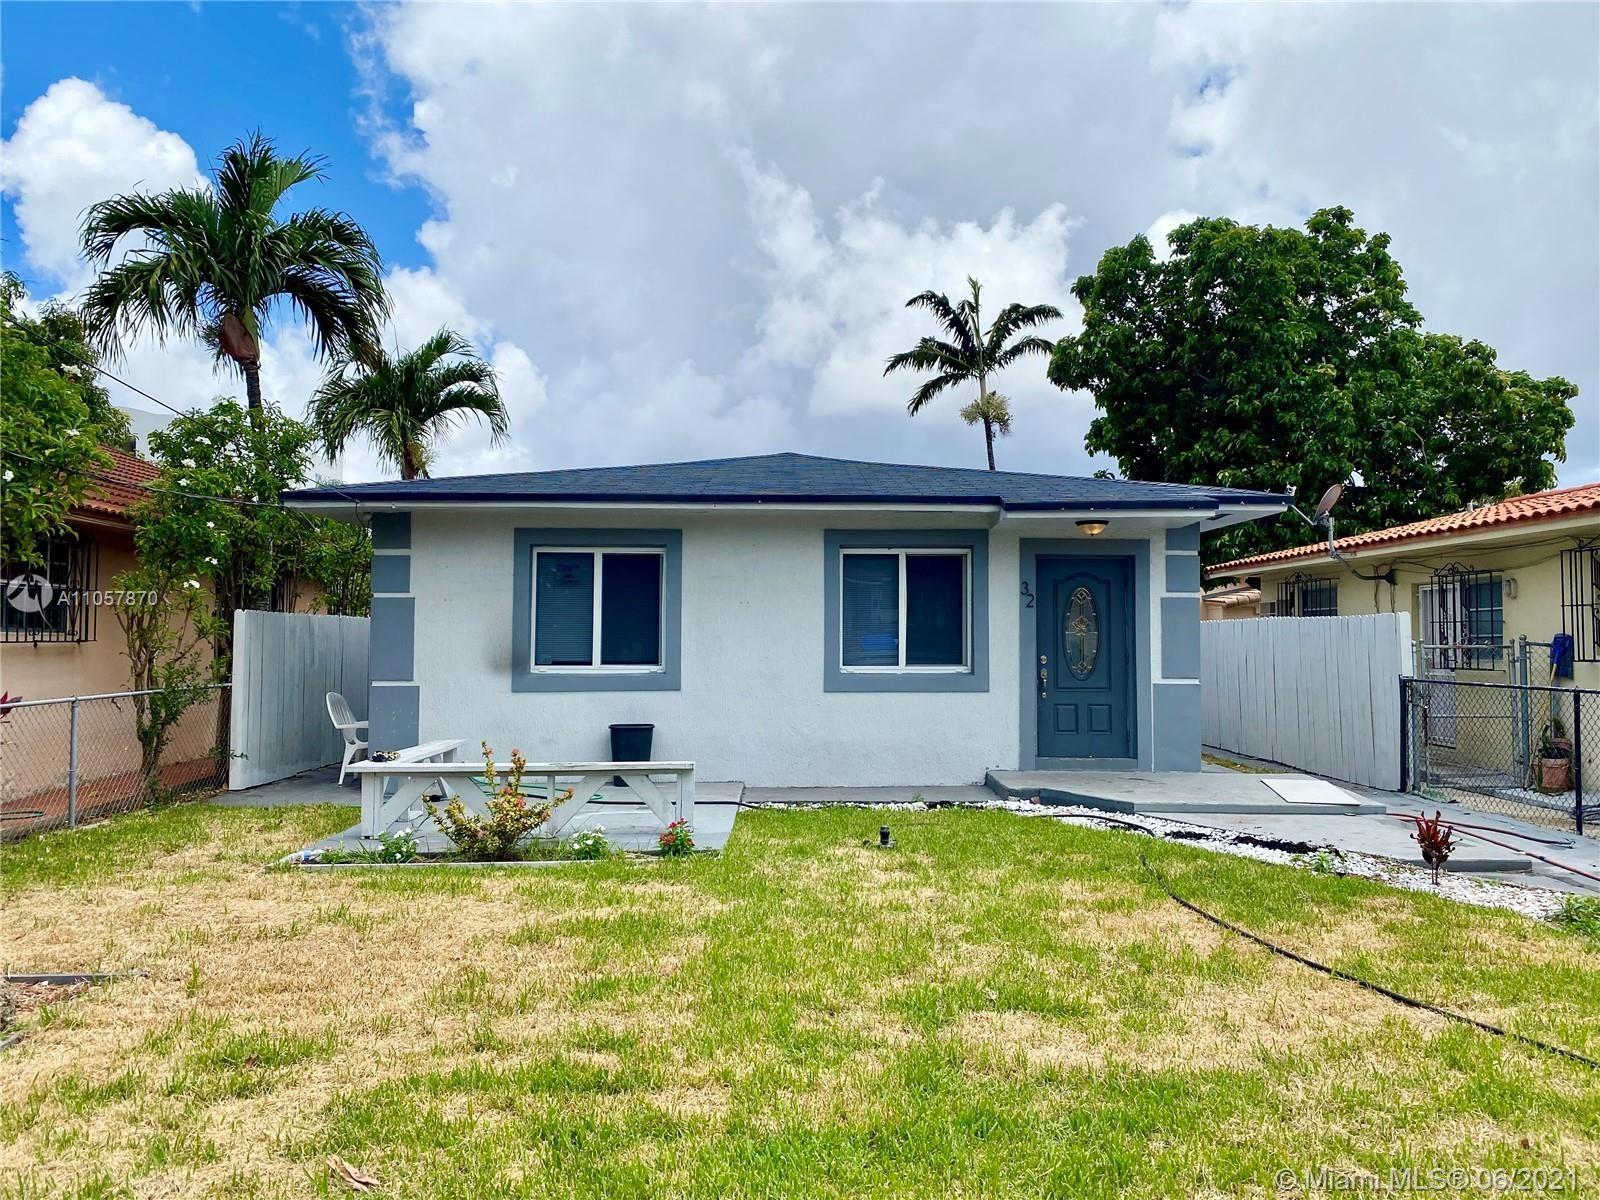 32 NW 59th Ct, Miami, FL 33126 - #: A11057870